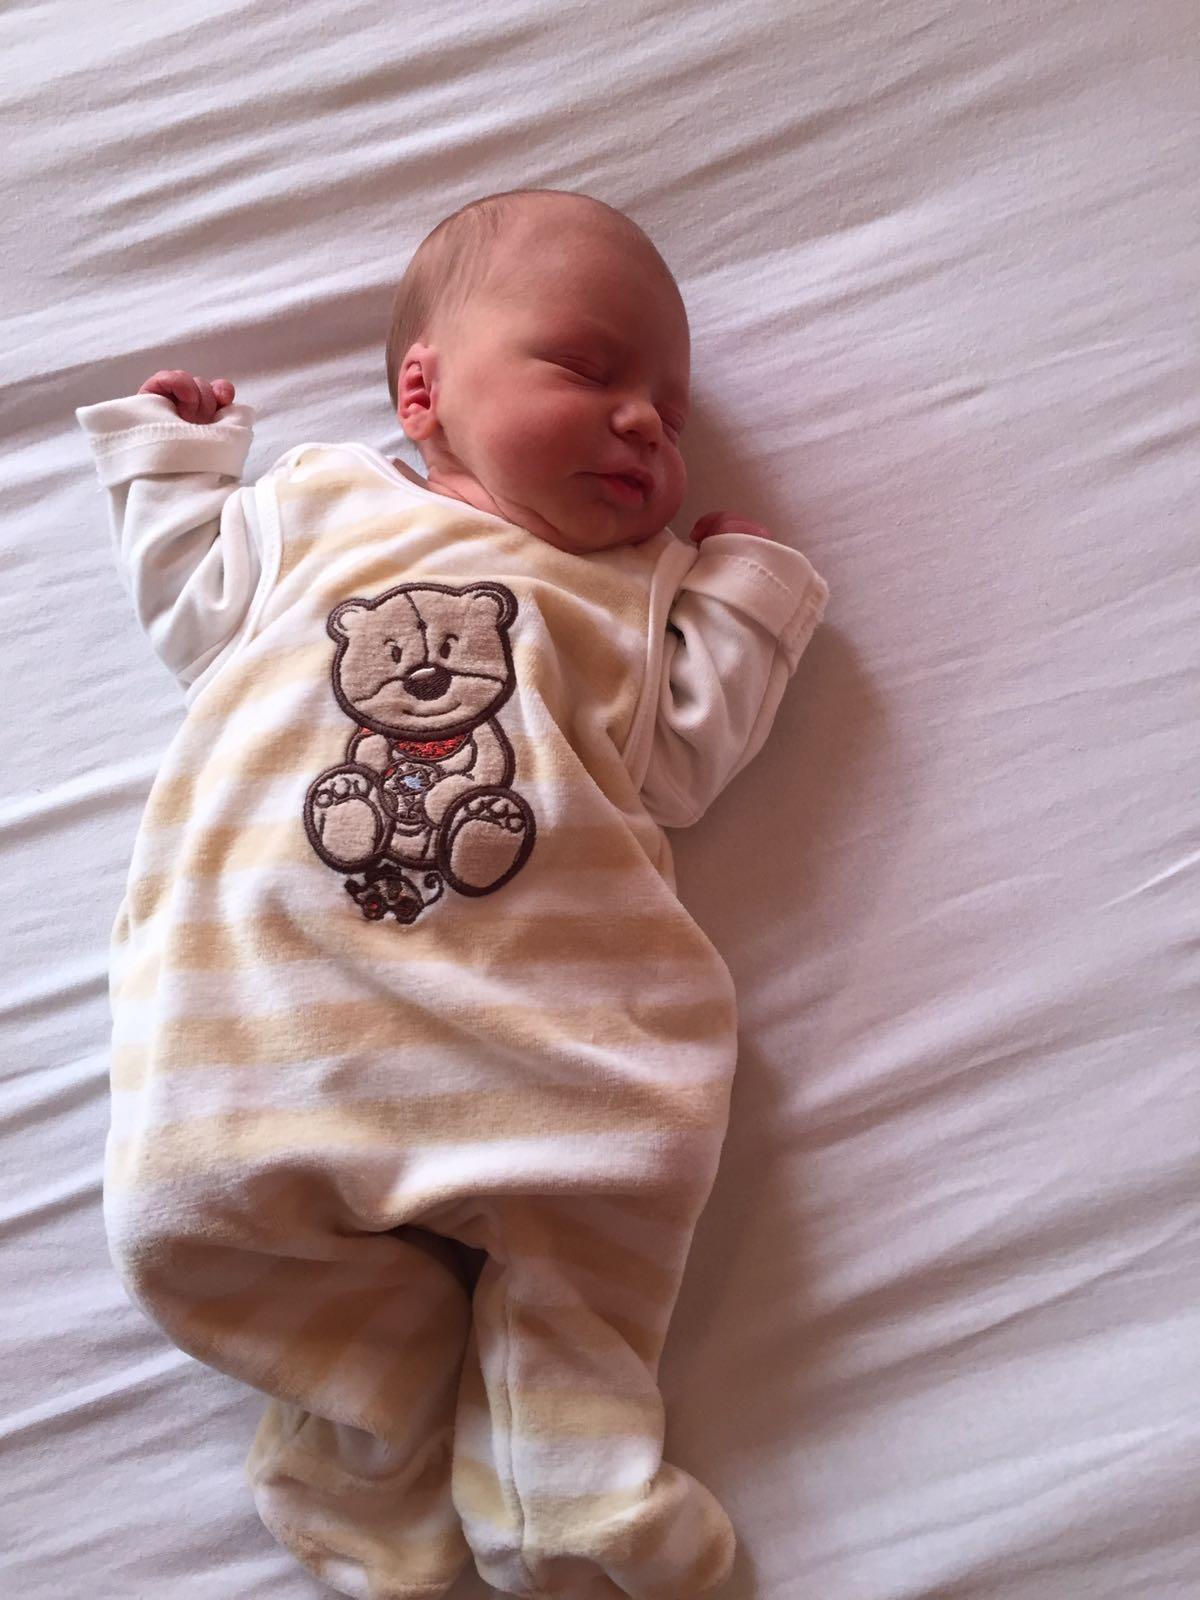 Vincent Elias Duske - am 01.03.17 geboren